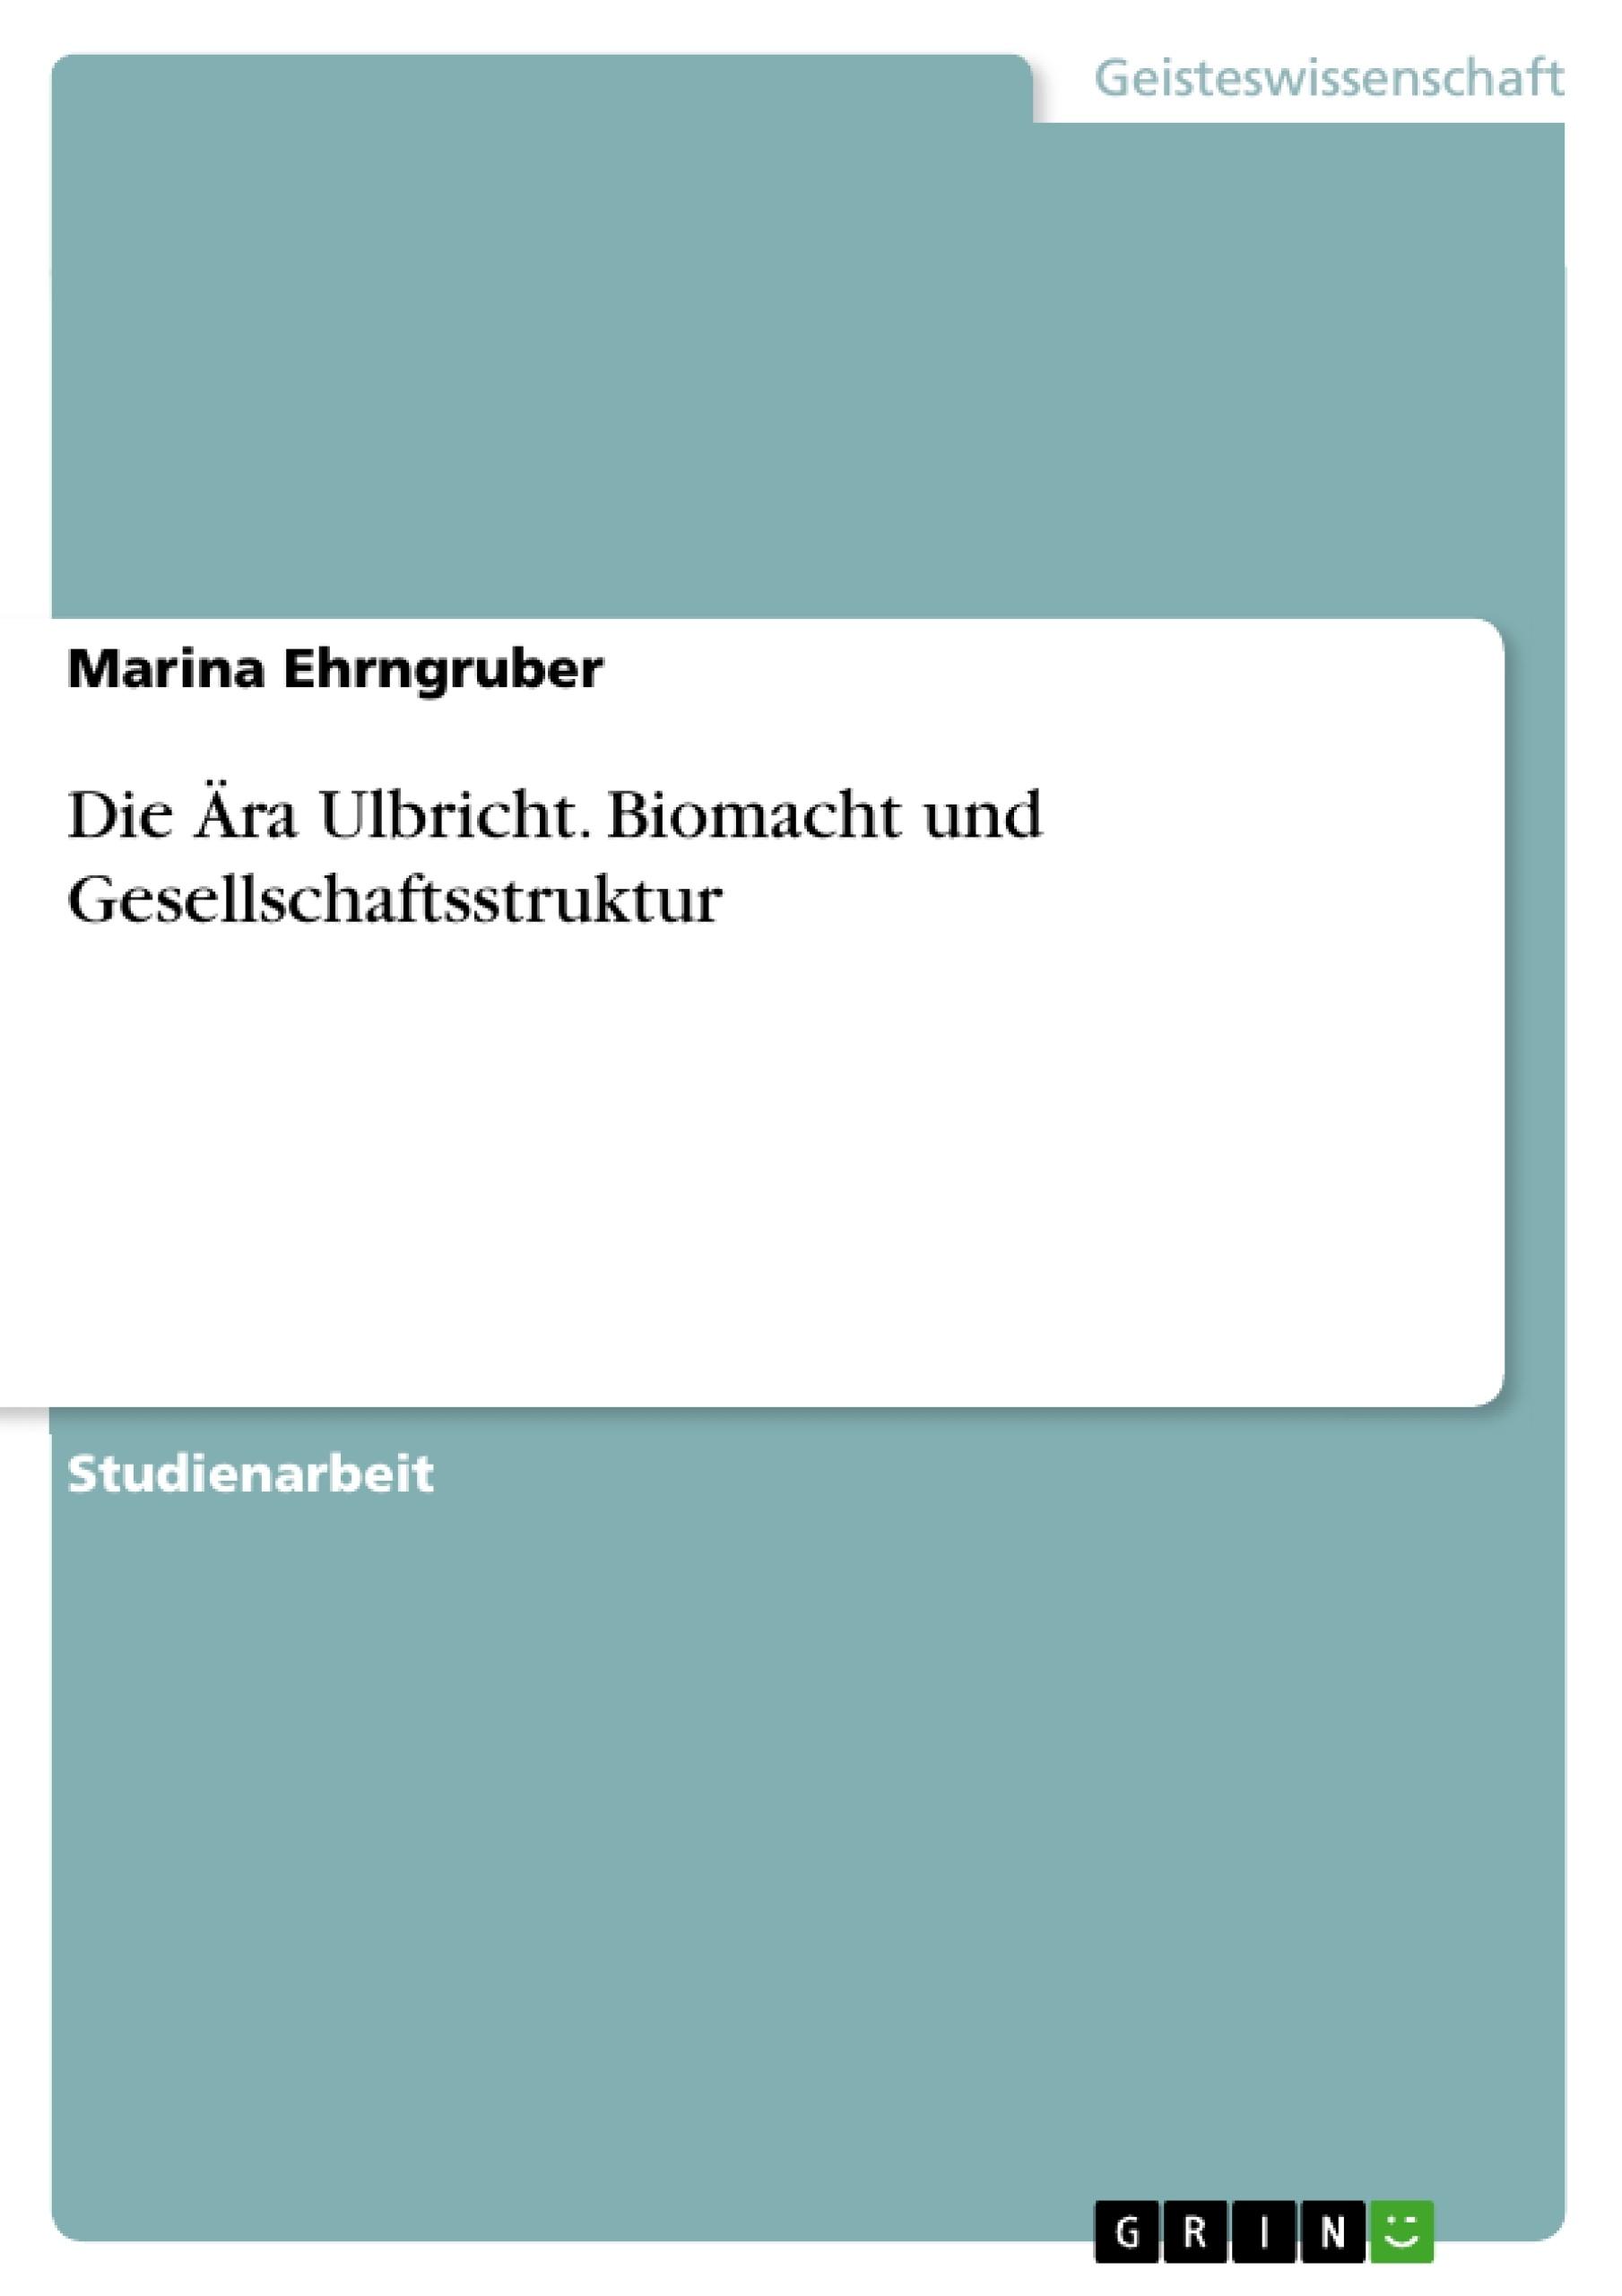 Titel: Die Ära Ulbricht. Biomacht und Gesellschaftsstruktur